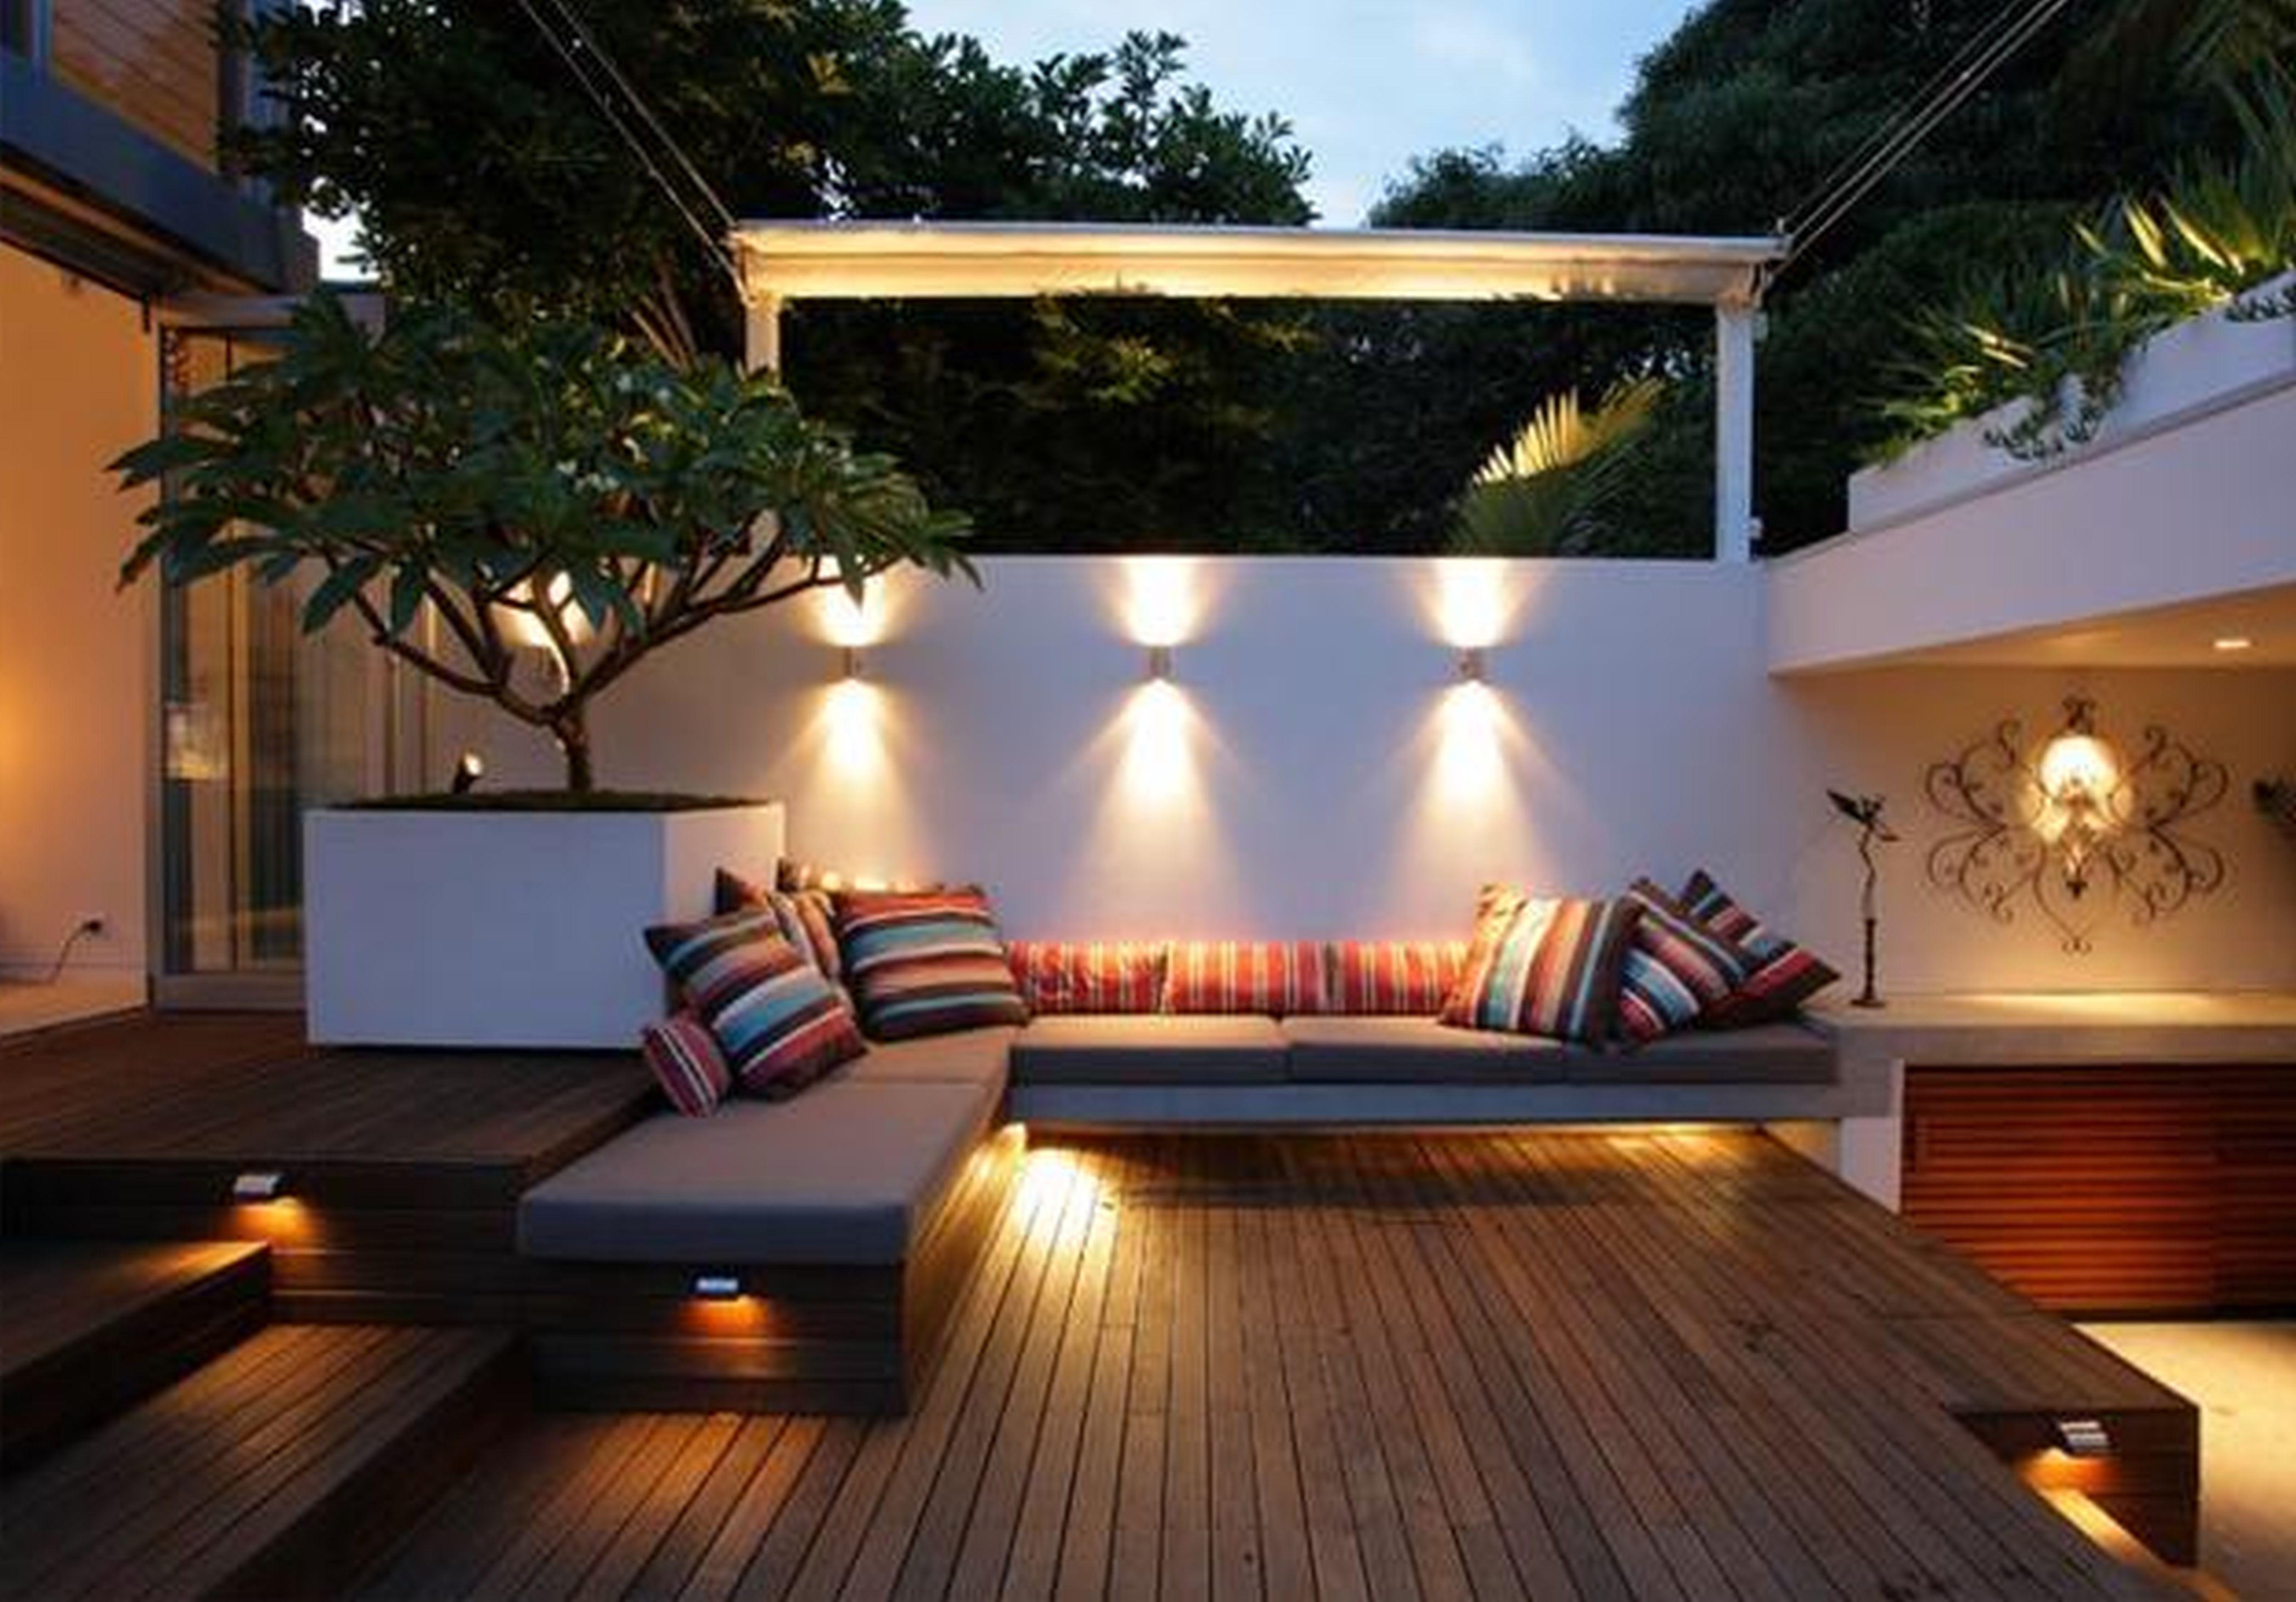 Garden Design Garden Design With Landscaping Ideas For Backyards